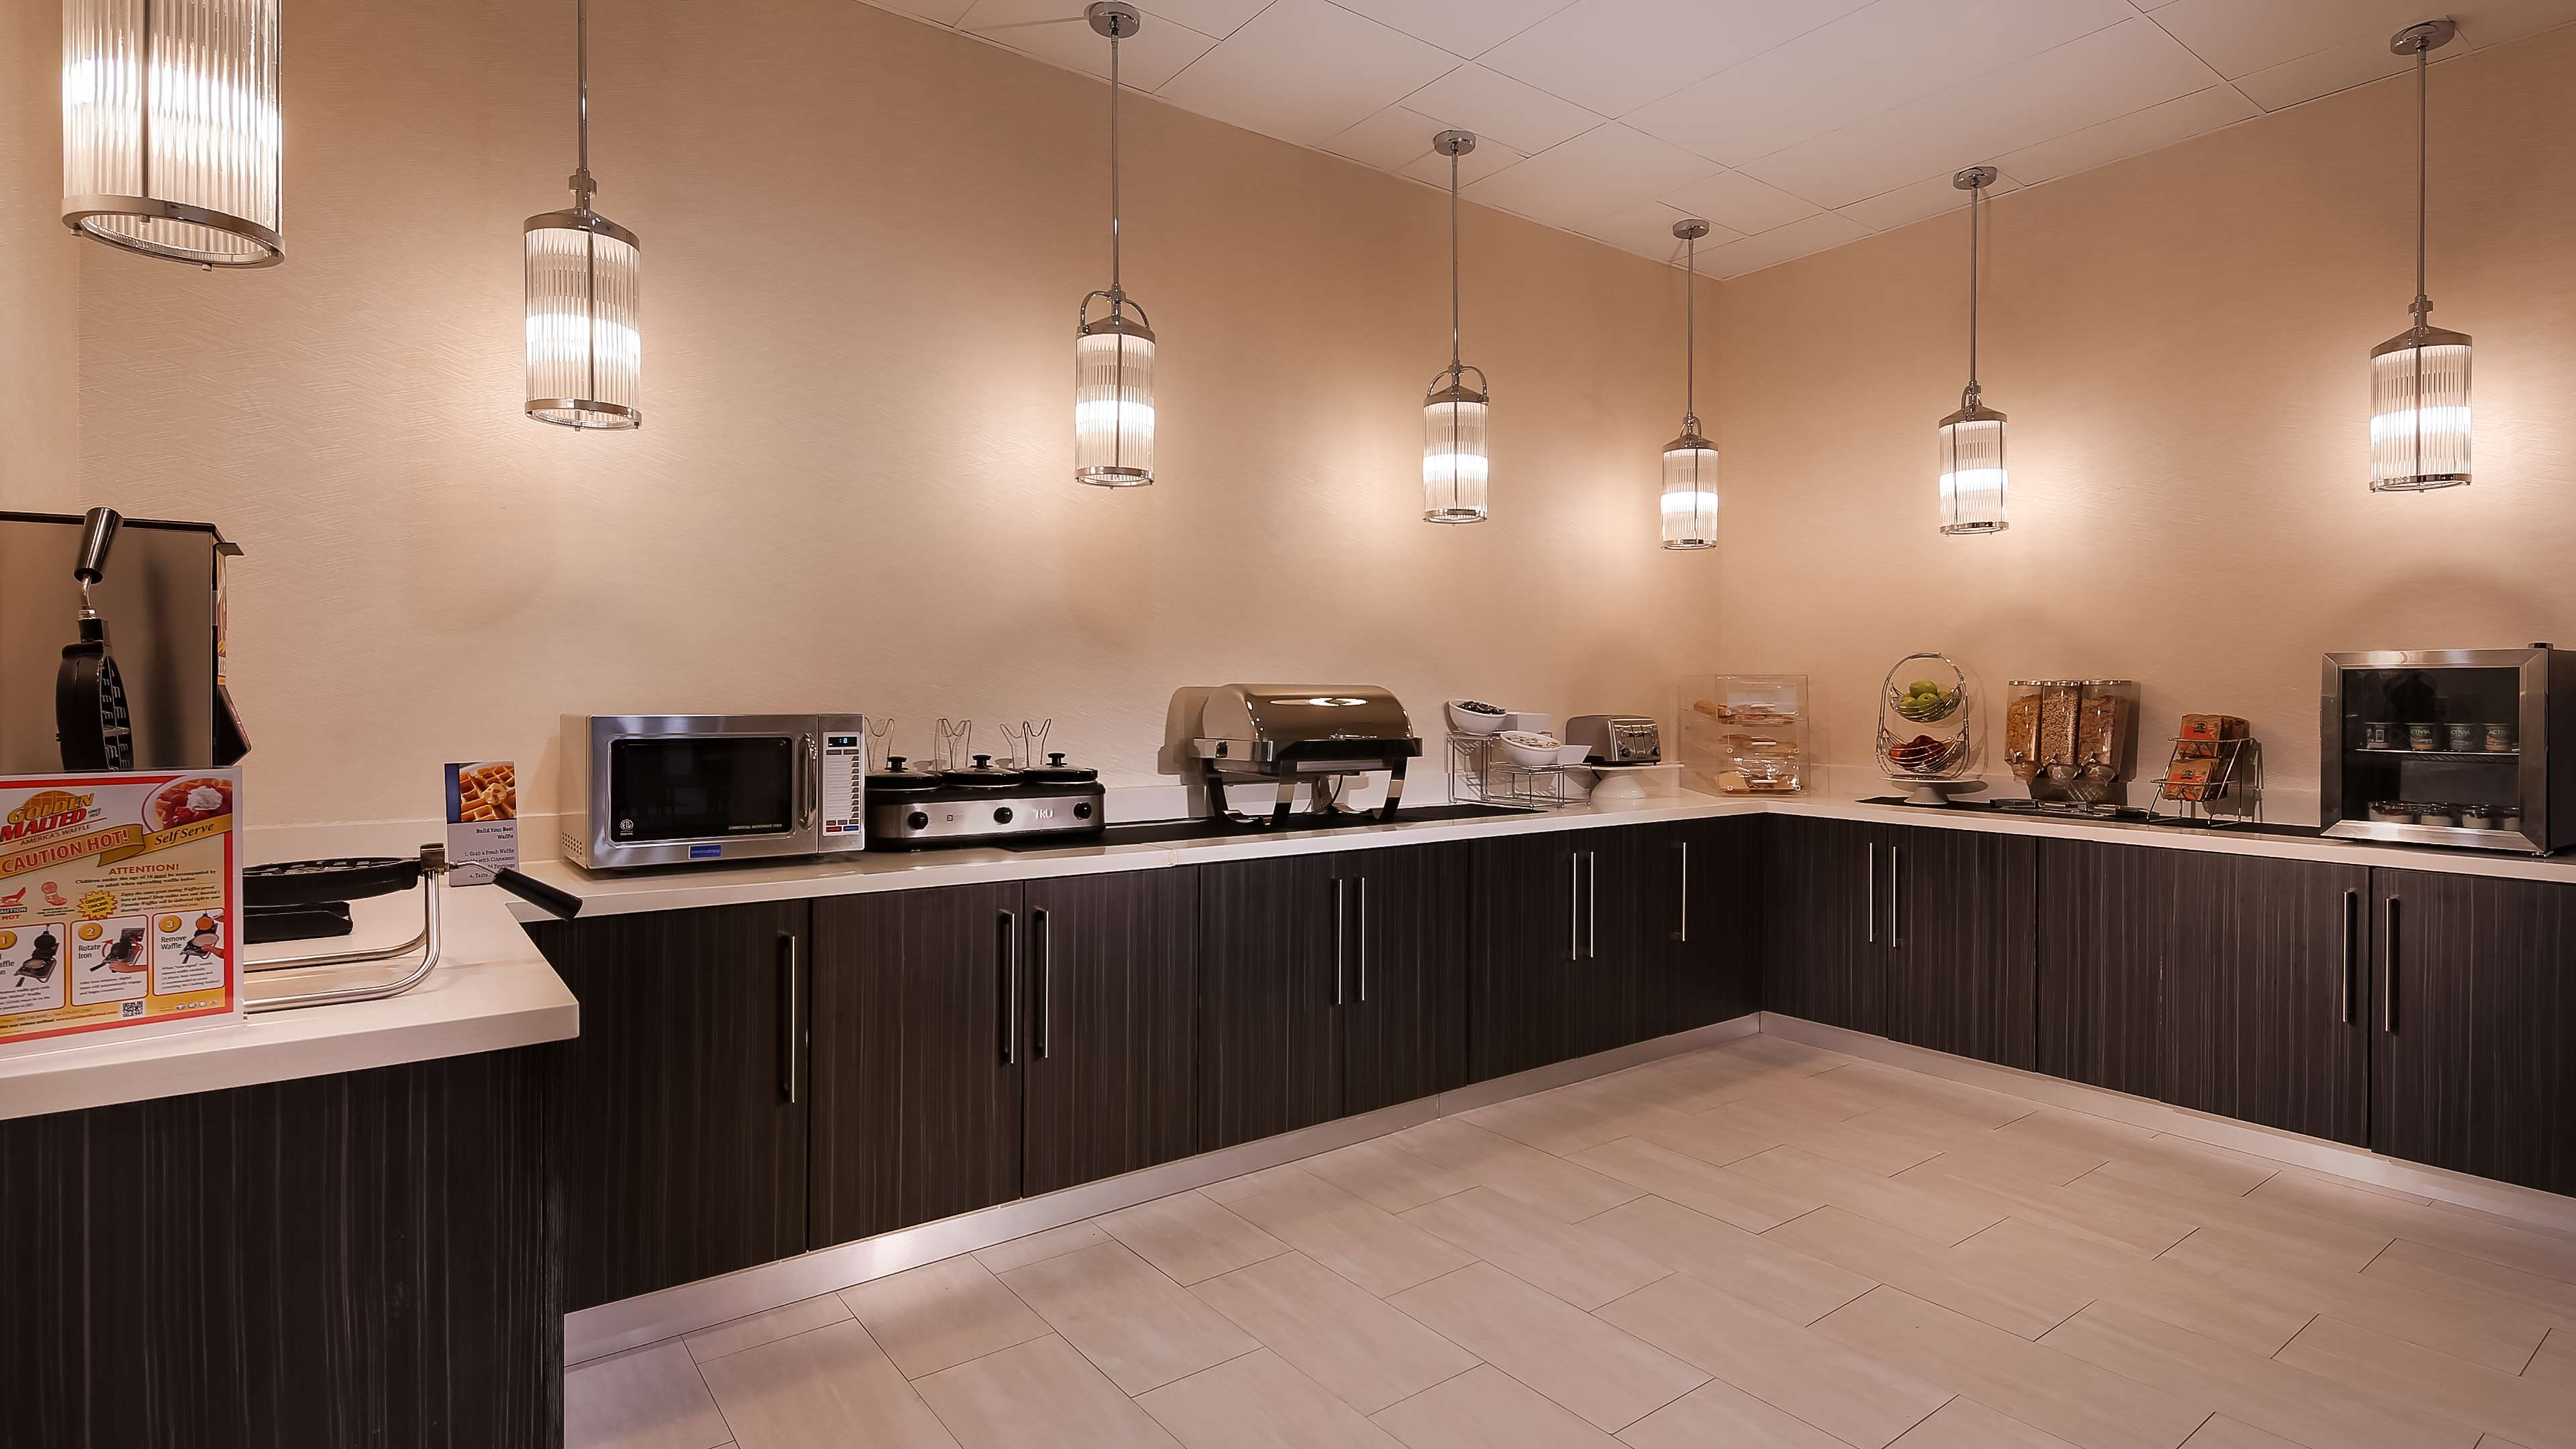 Best Western Plus Executive Residency Baytown image 15